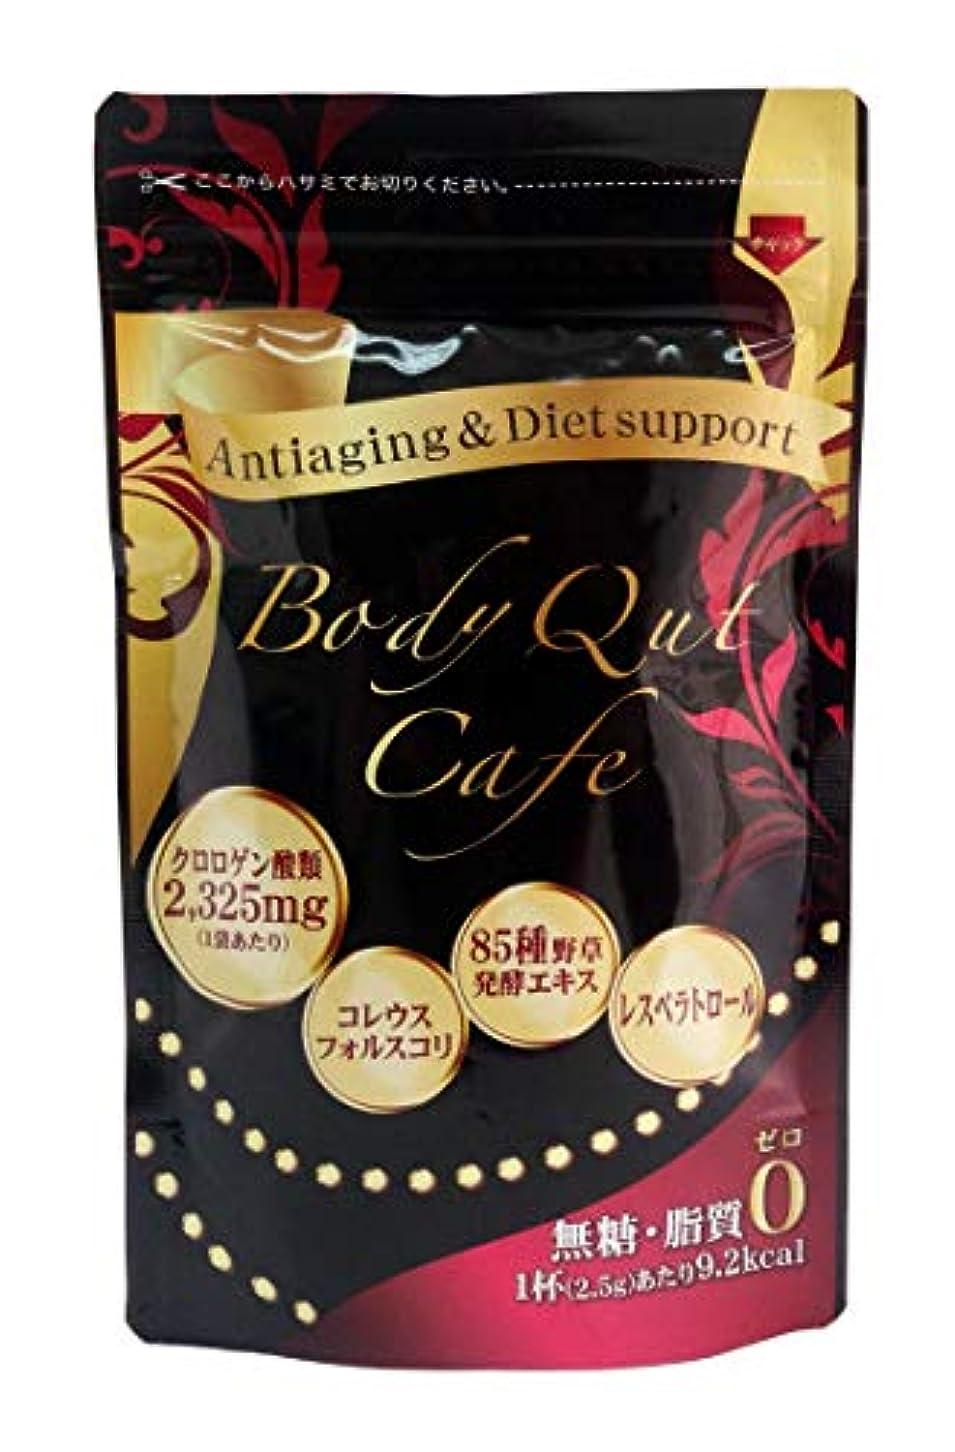 ゲート恐竜協力ボディキュットカフェ 75g 約30杯分 ダイエットコーヒー Body Qut Cafe (オリジナル)